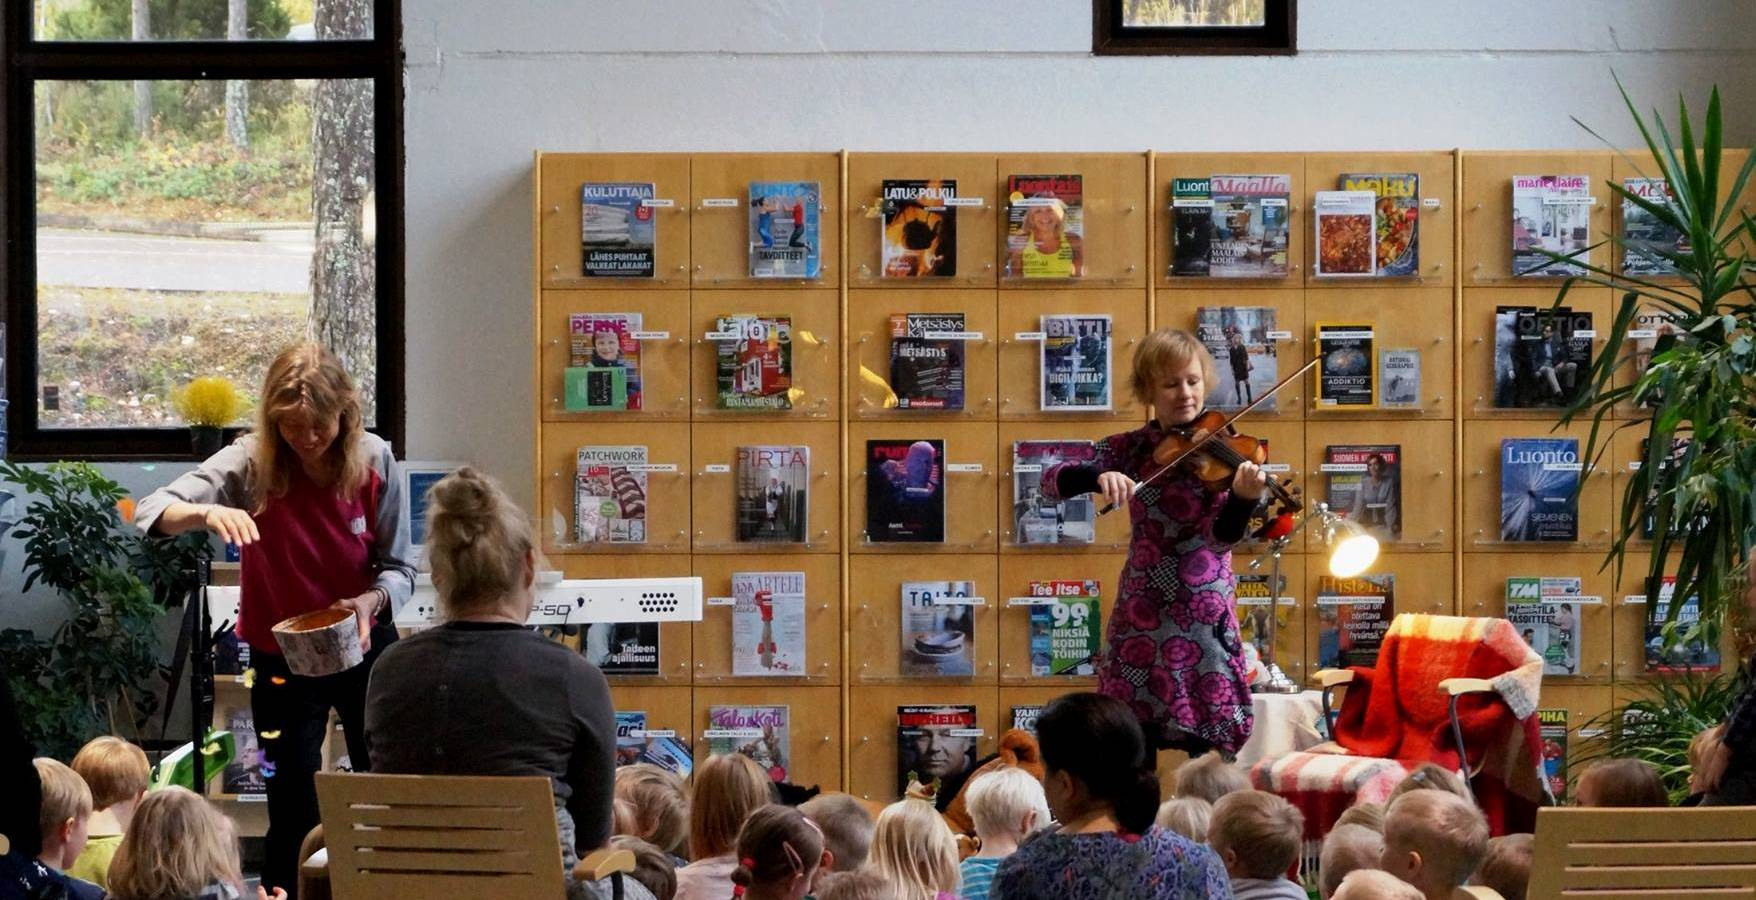 Musiikillinen satutunti lapsille: viulunsoittaja ja satutäti esiintyvät lapsiyleisölle.